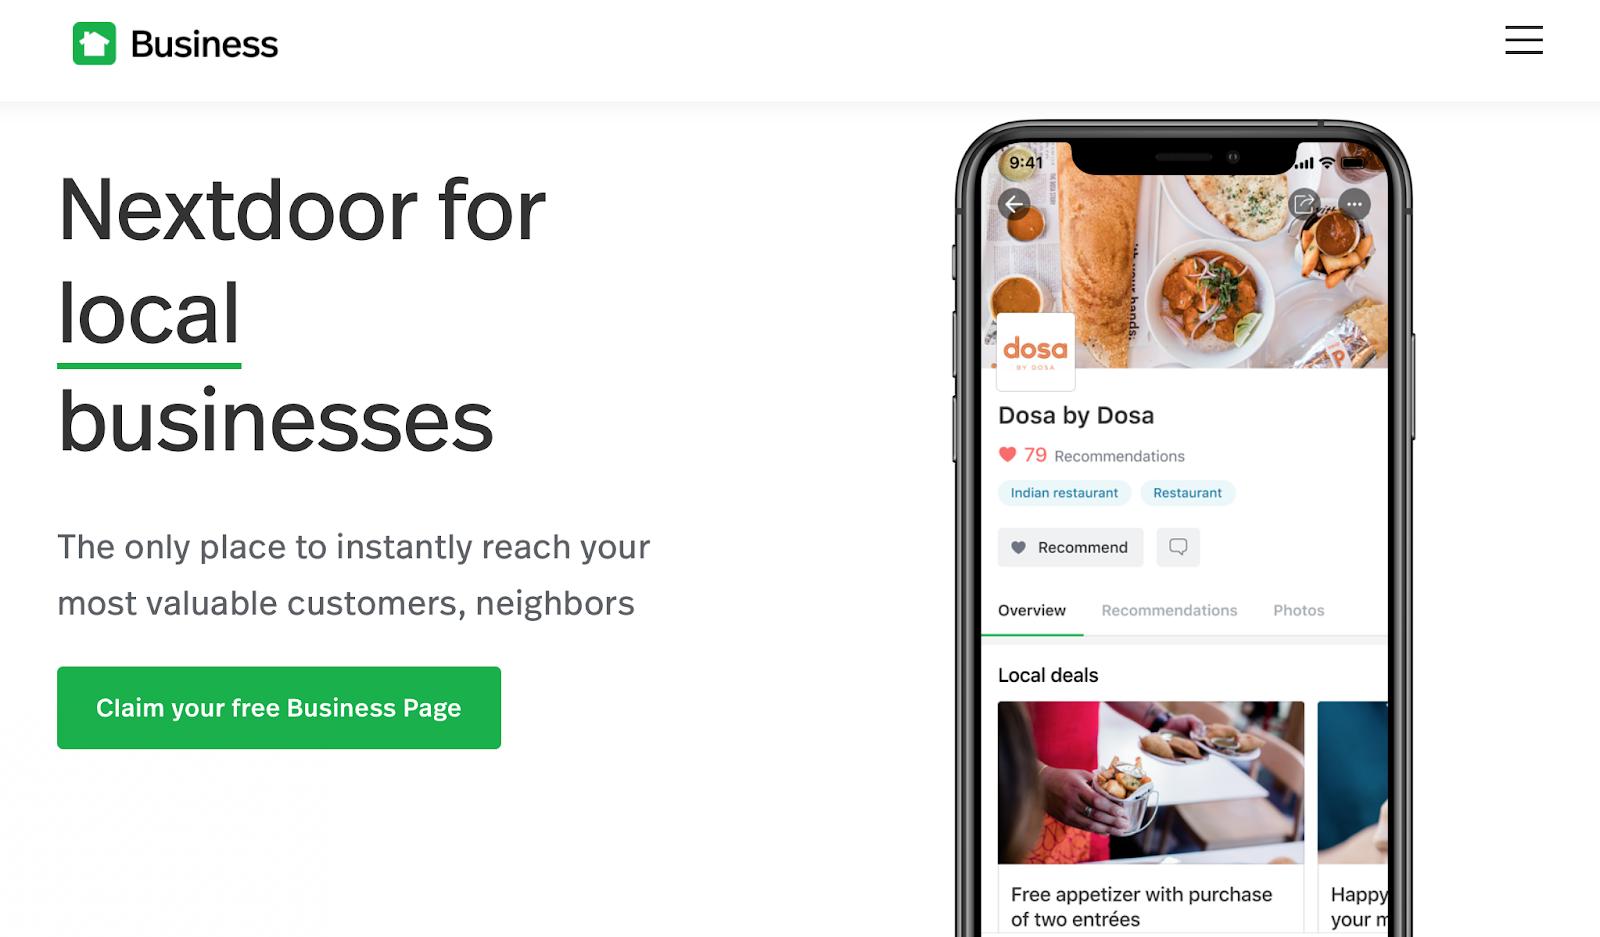 Nextdoor for local businesses